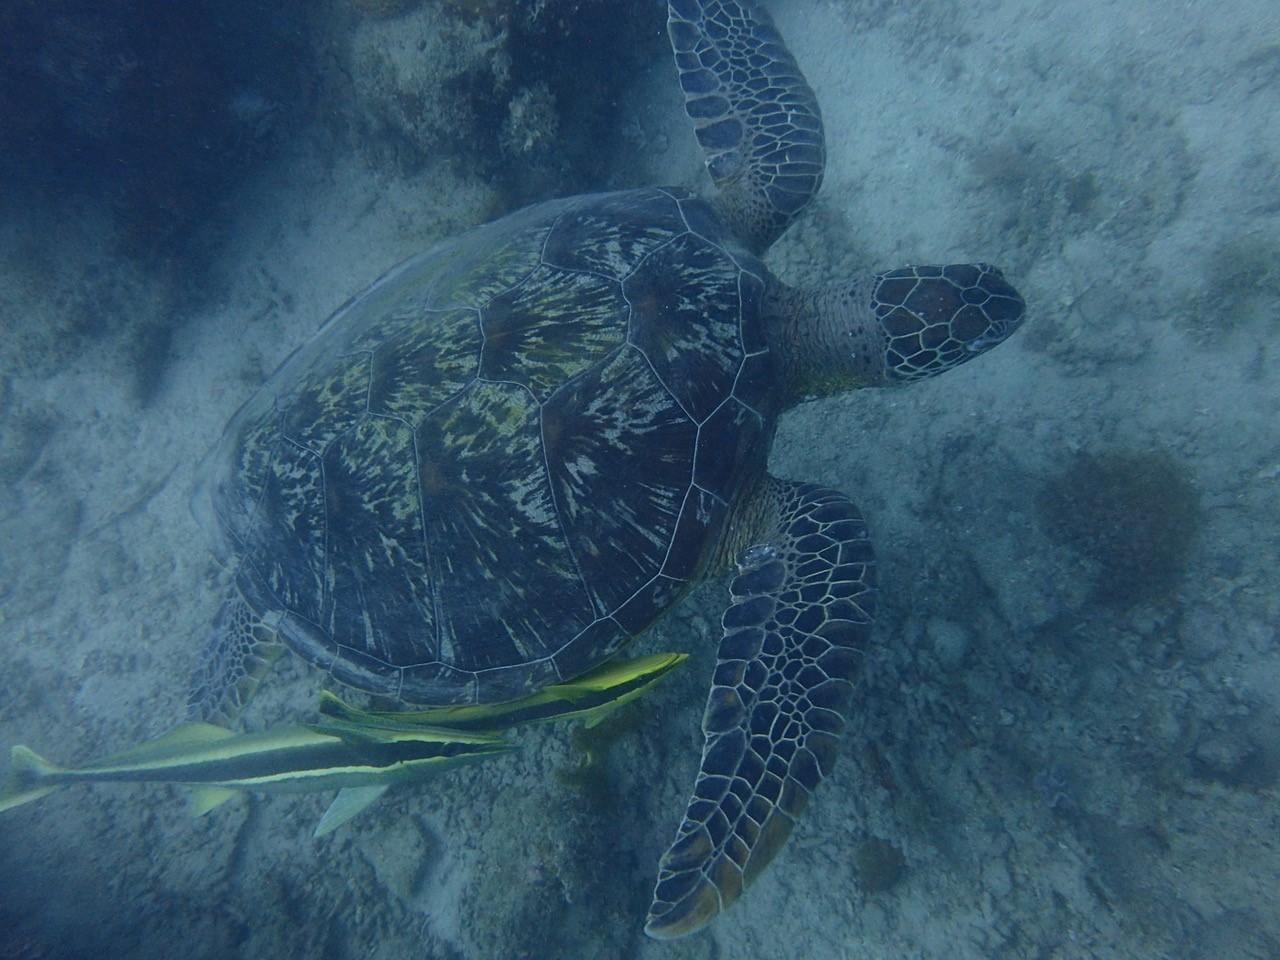 ザンジバルのダイビングで。珍しい模様のヒトデに気を取られていたら、カメが急接近してました。